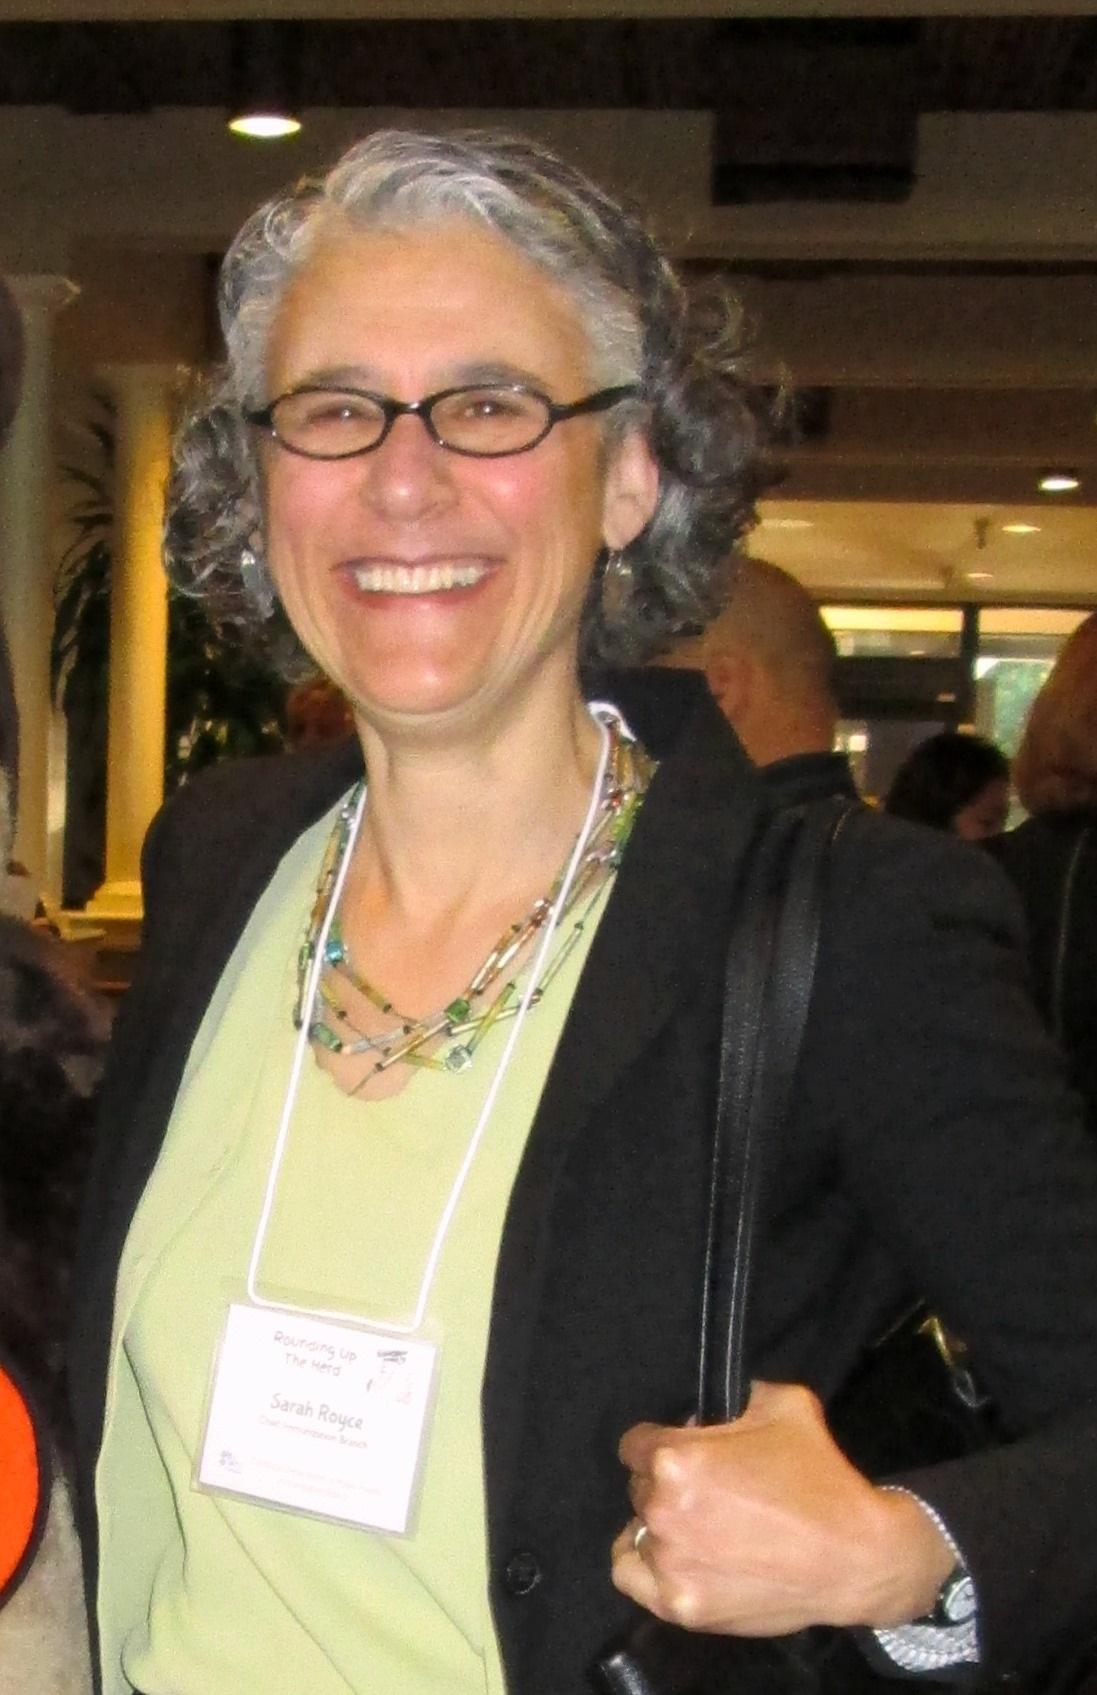 Dr. Sarah Royce